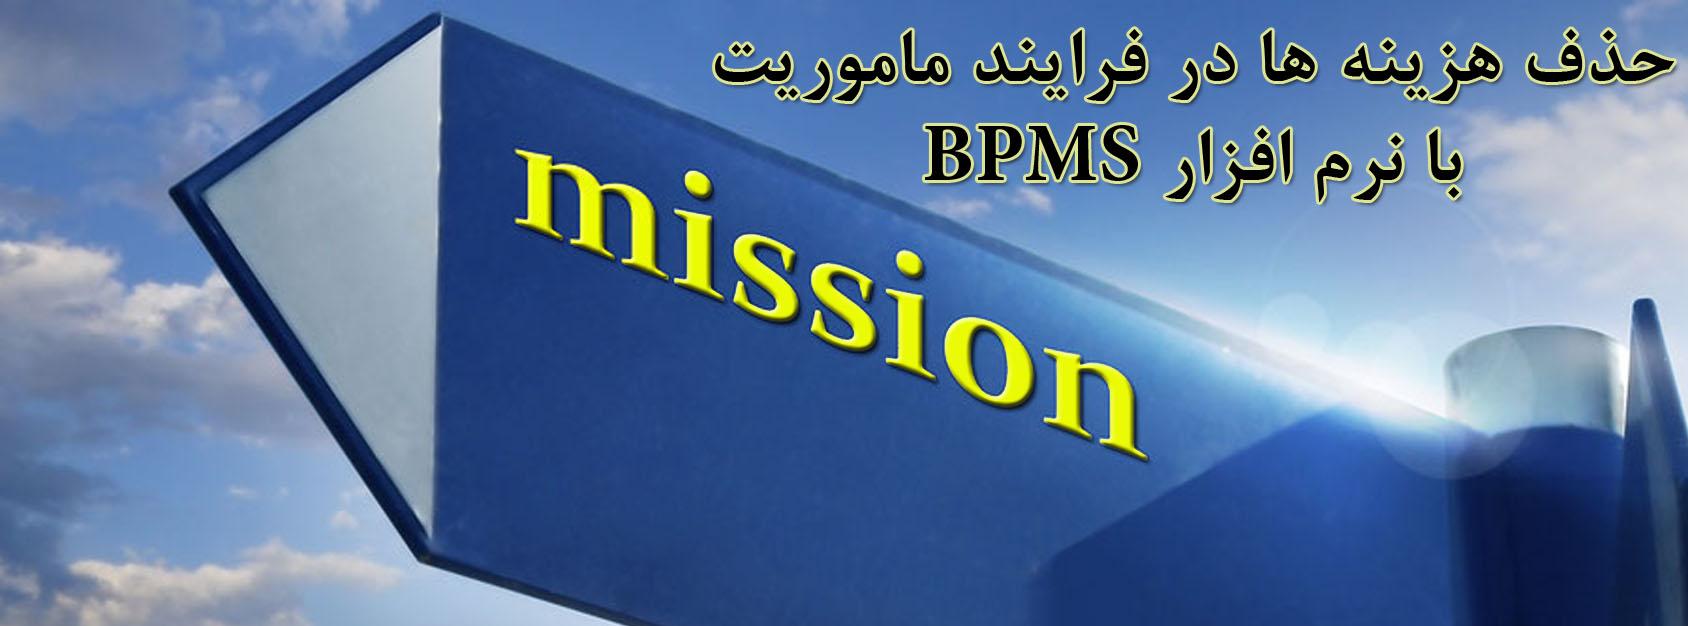 حذف هزینه پنهان در فرایند ماموریت  با نرم افزار Bpms